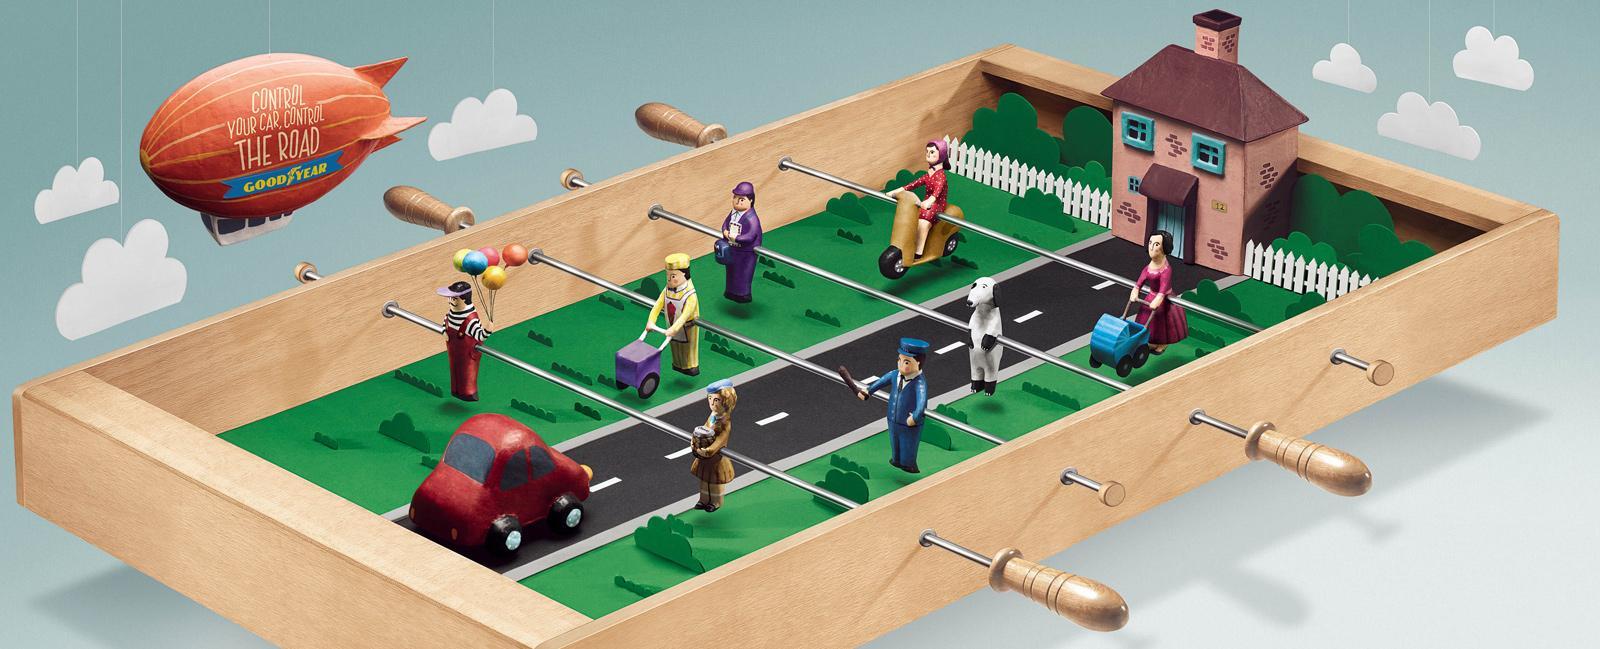 Goodyear Outdoor Ad -  Foosball Table, Neighbourhood